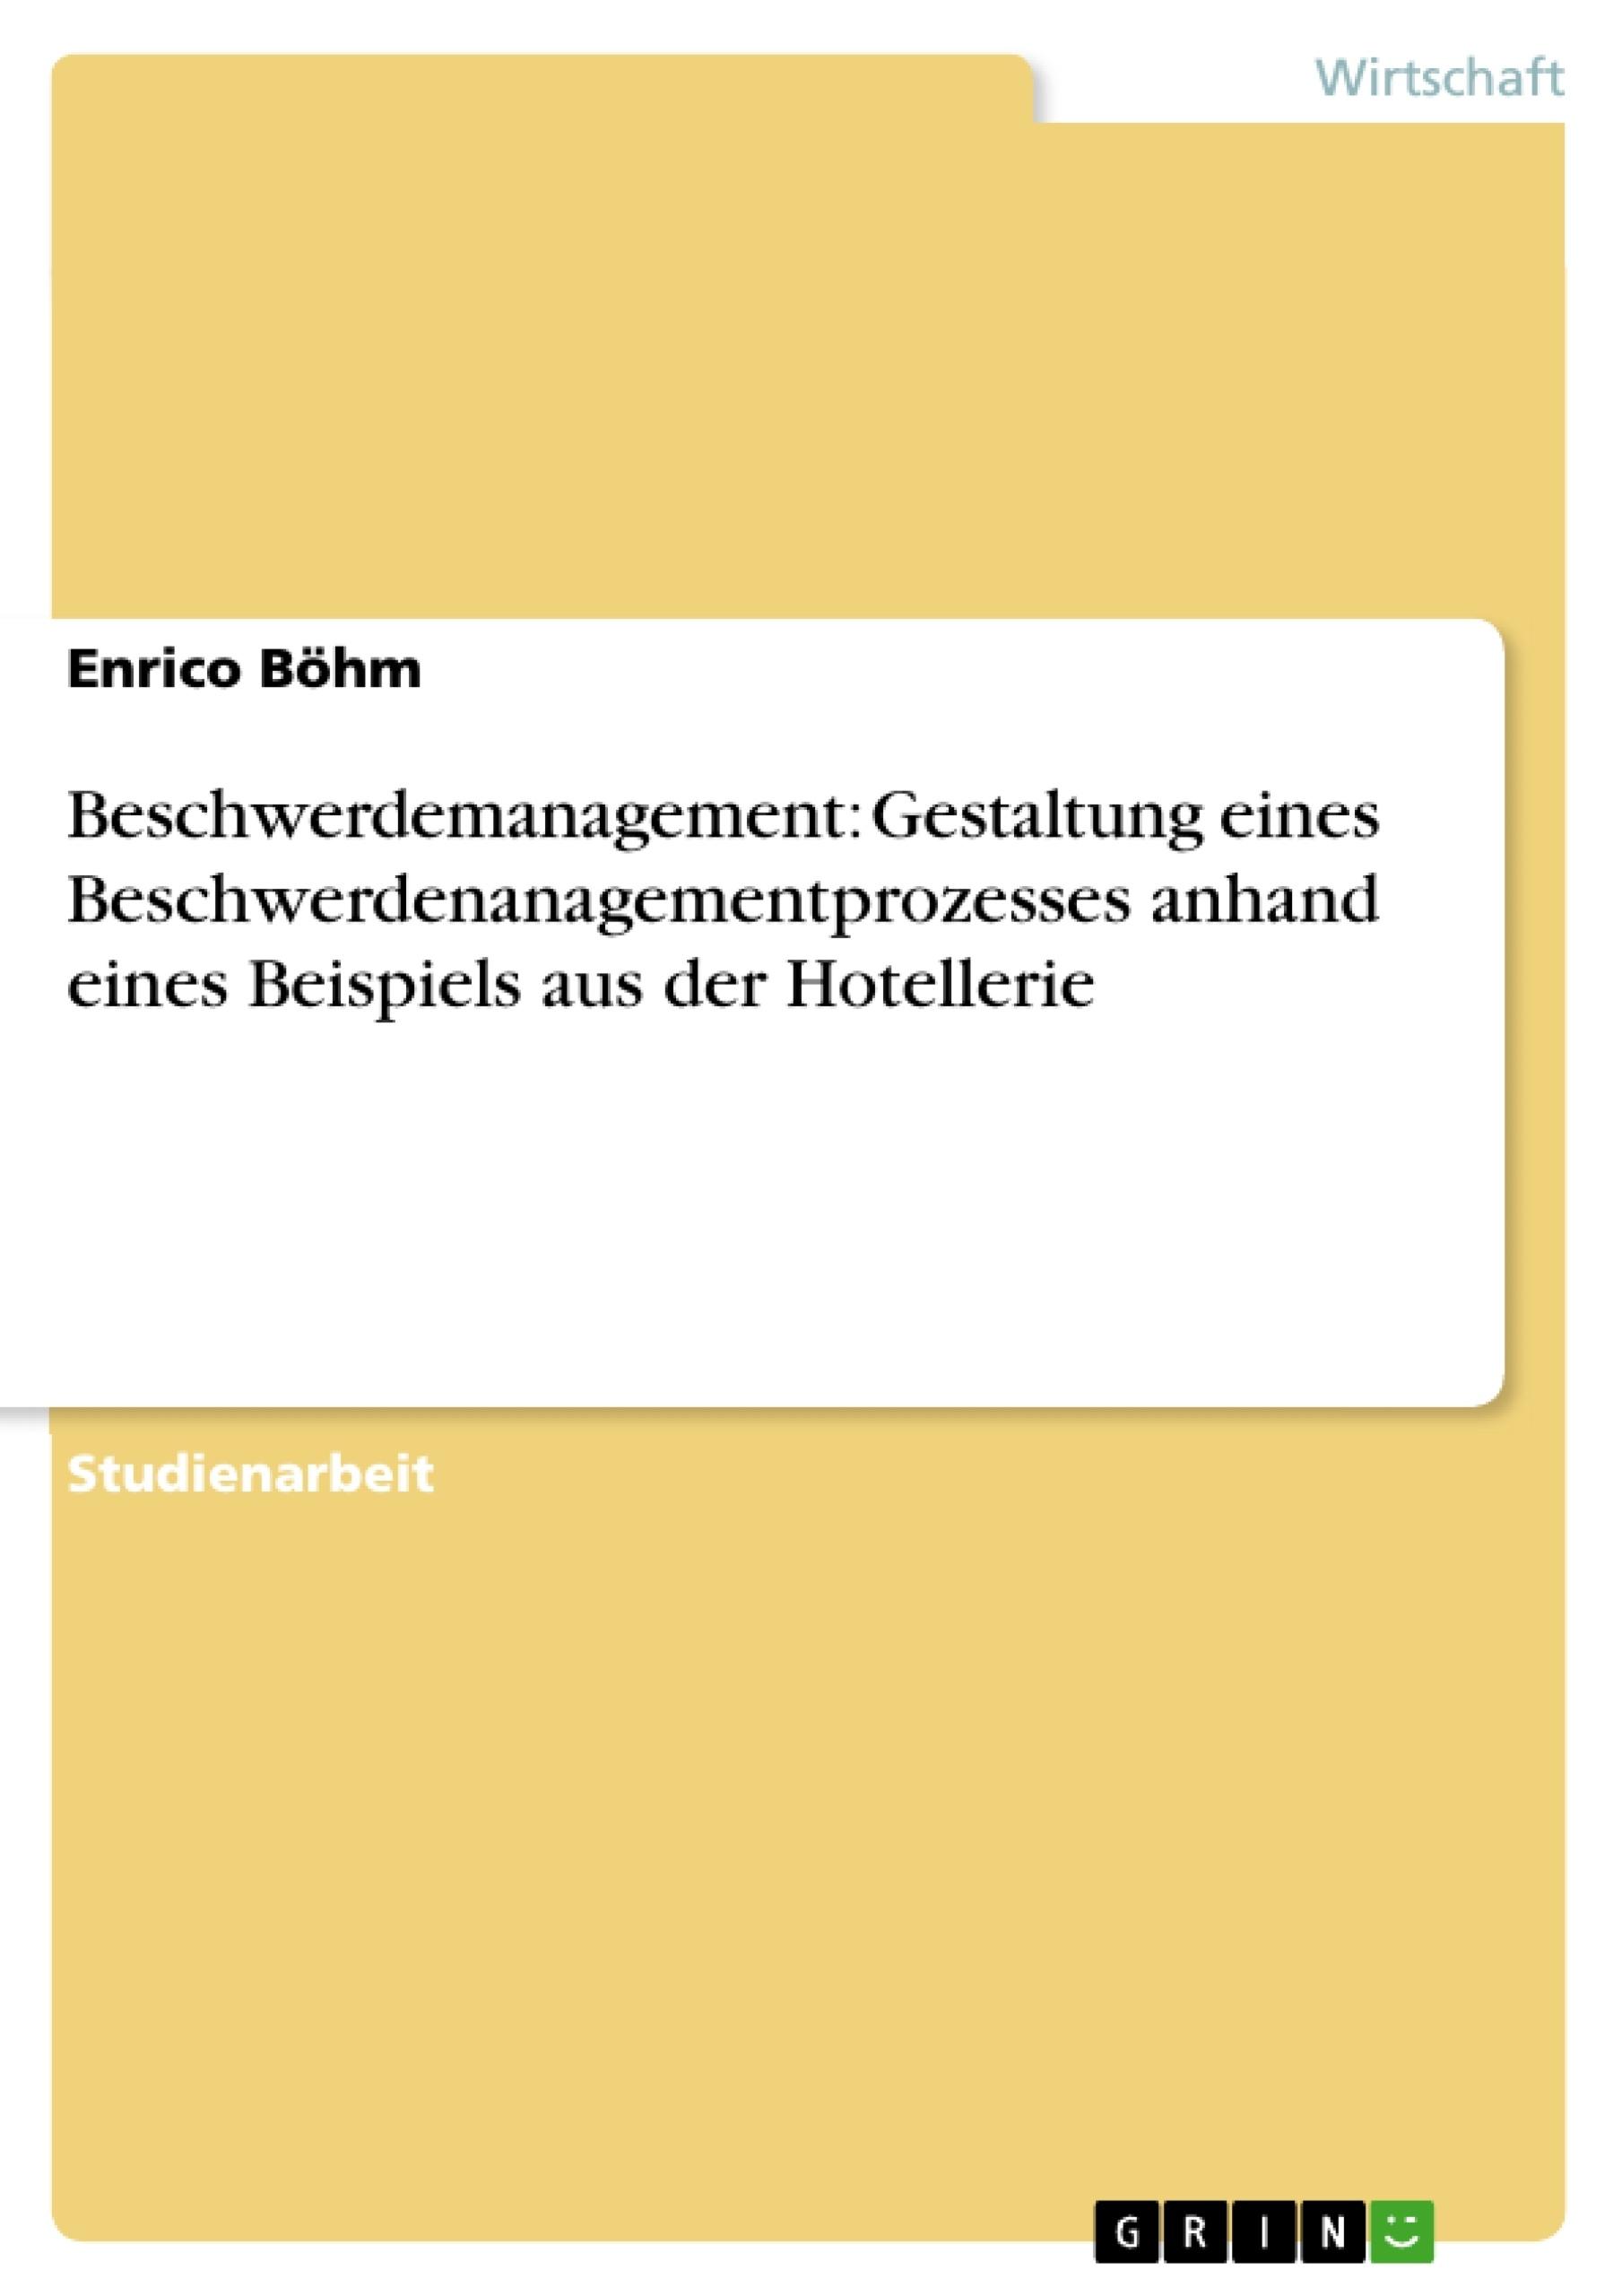 Titel: Beschwerdemanagement: Gestaltung eines Beschwerdenanagementprozesses anhand eines Beispiels aus der Hotellerie